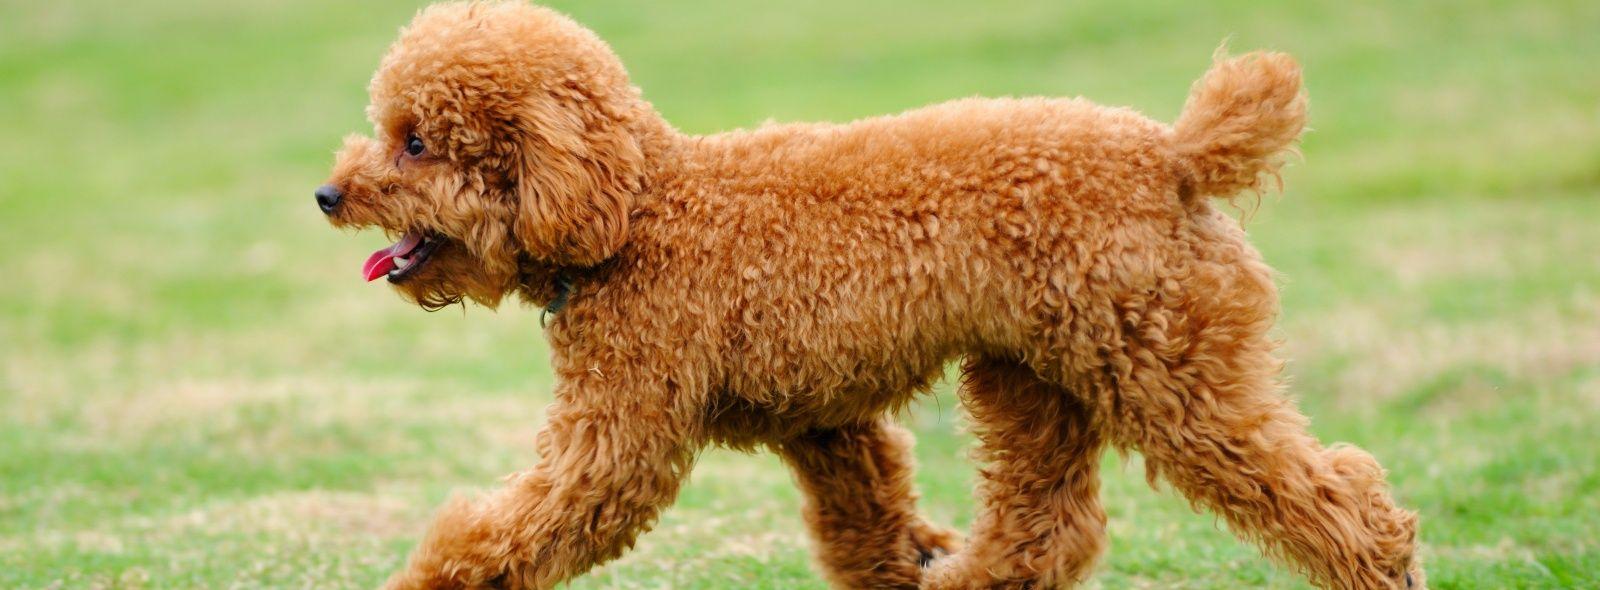 Caratteristiche del cane barbone trovami for Cane barbone